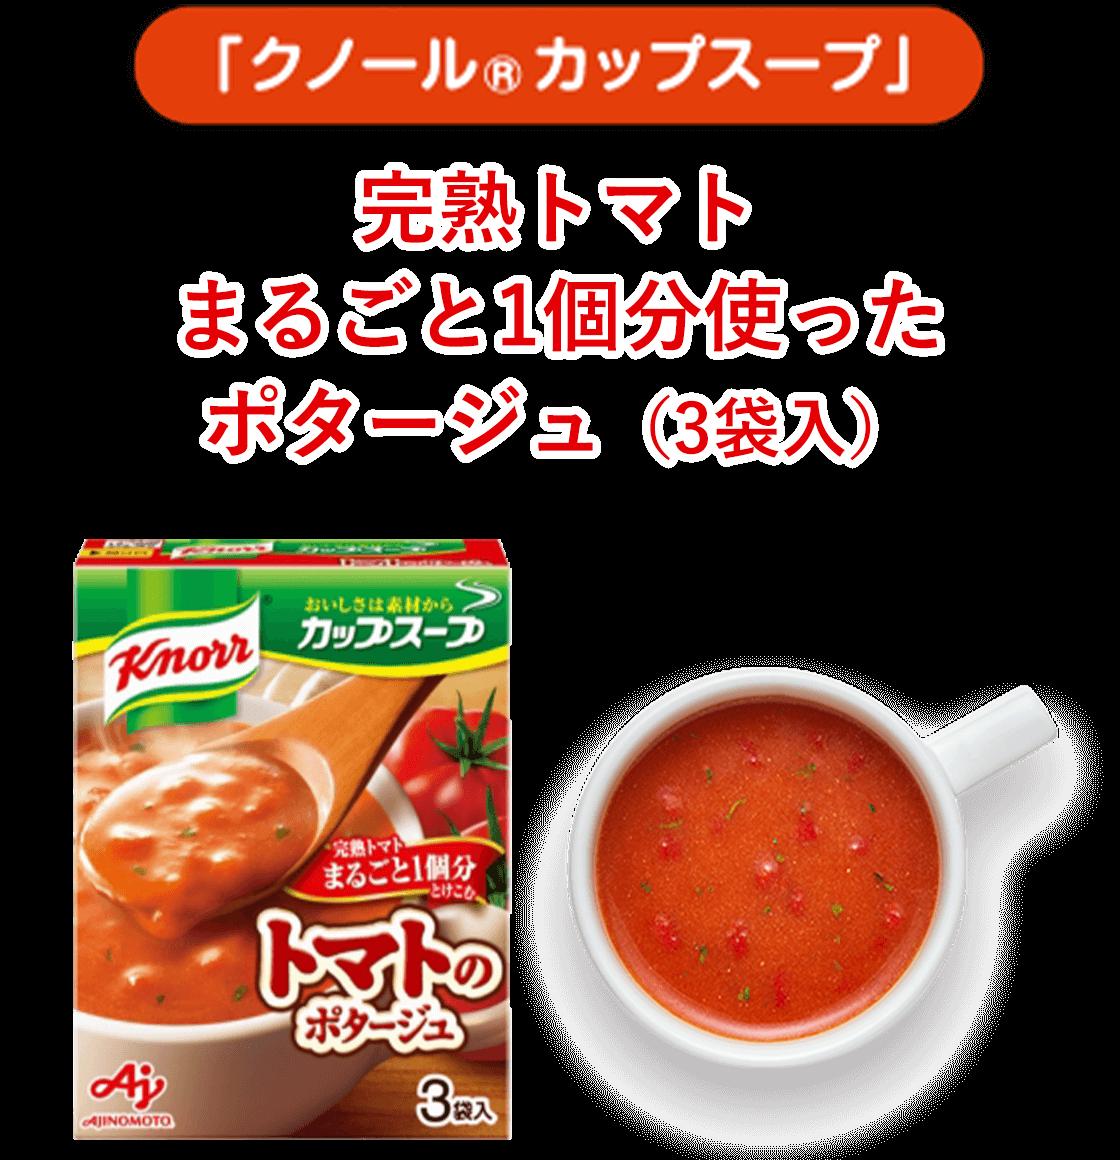 「クノール® カップスープ」 完熟トマトまるごと1個分使ったポタージュ(3袋入)